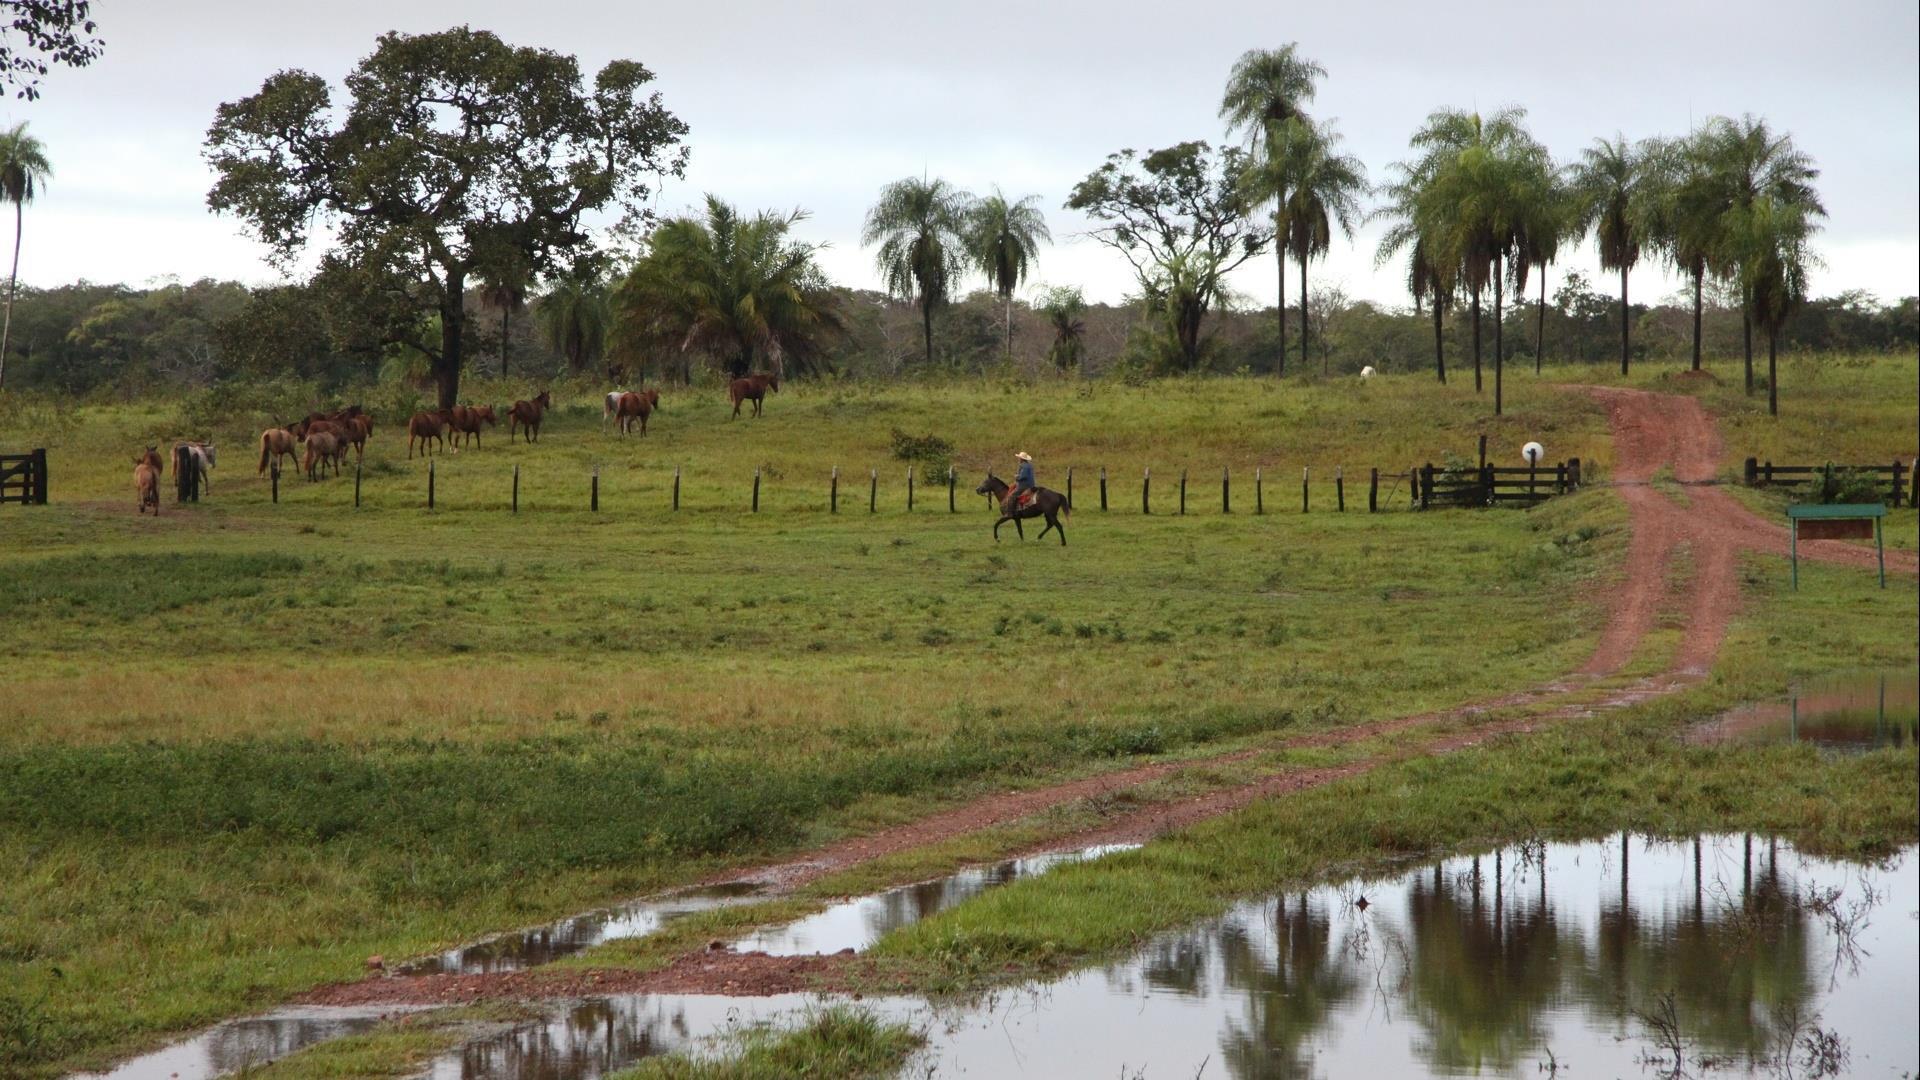 Brasilien Süd Pantanal: 5 Tage Reisebaustein - Xaraes Lodge naturnah erleben, Pferdekoppel